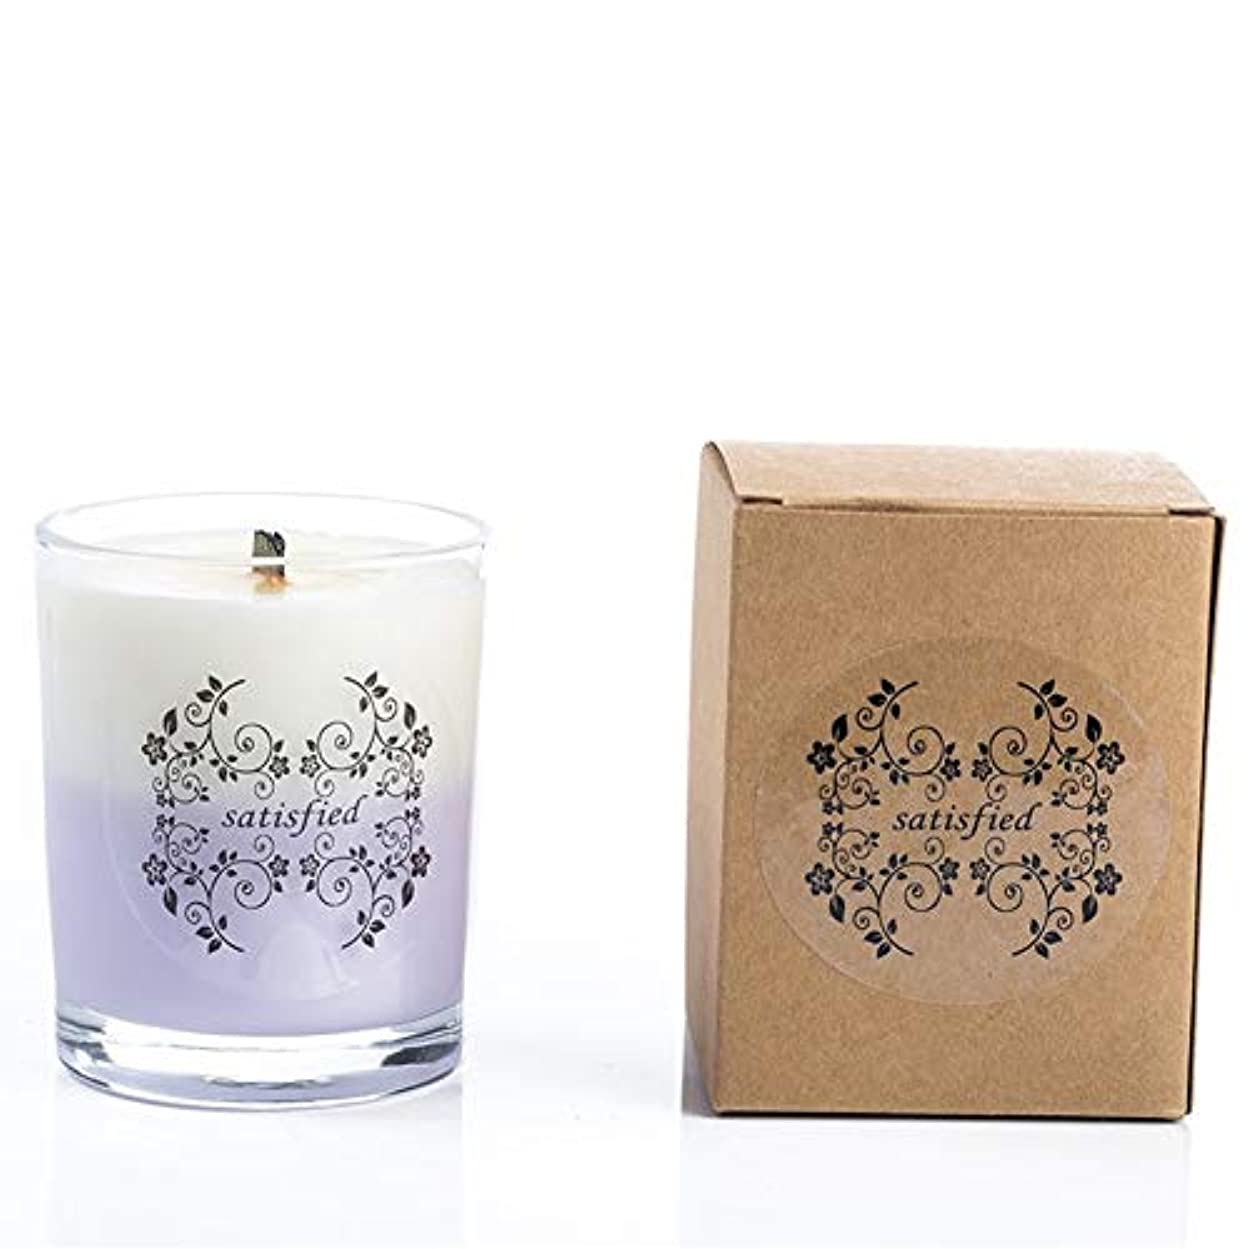 角度ご予約必要ACAO ガラスのツートンの香料入りの蝋燭のハンドメイドの無煙の香りの家の香料入りの蝋燭 (色 : Grapefruit)